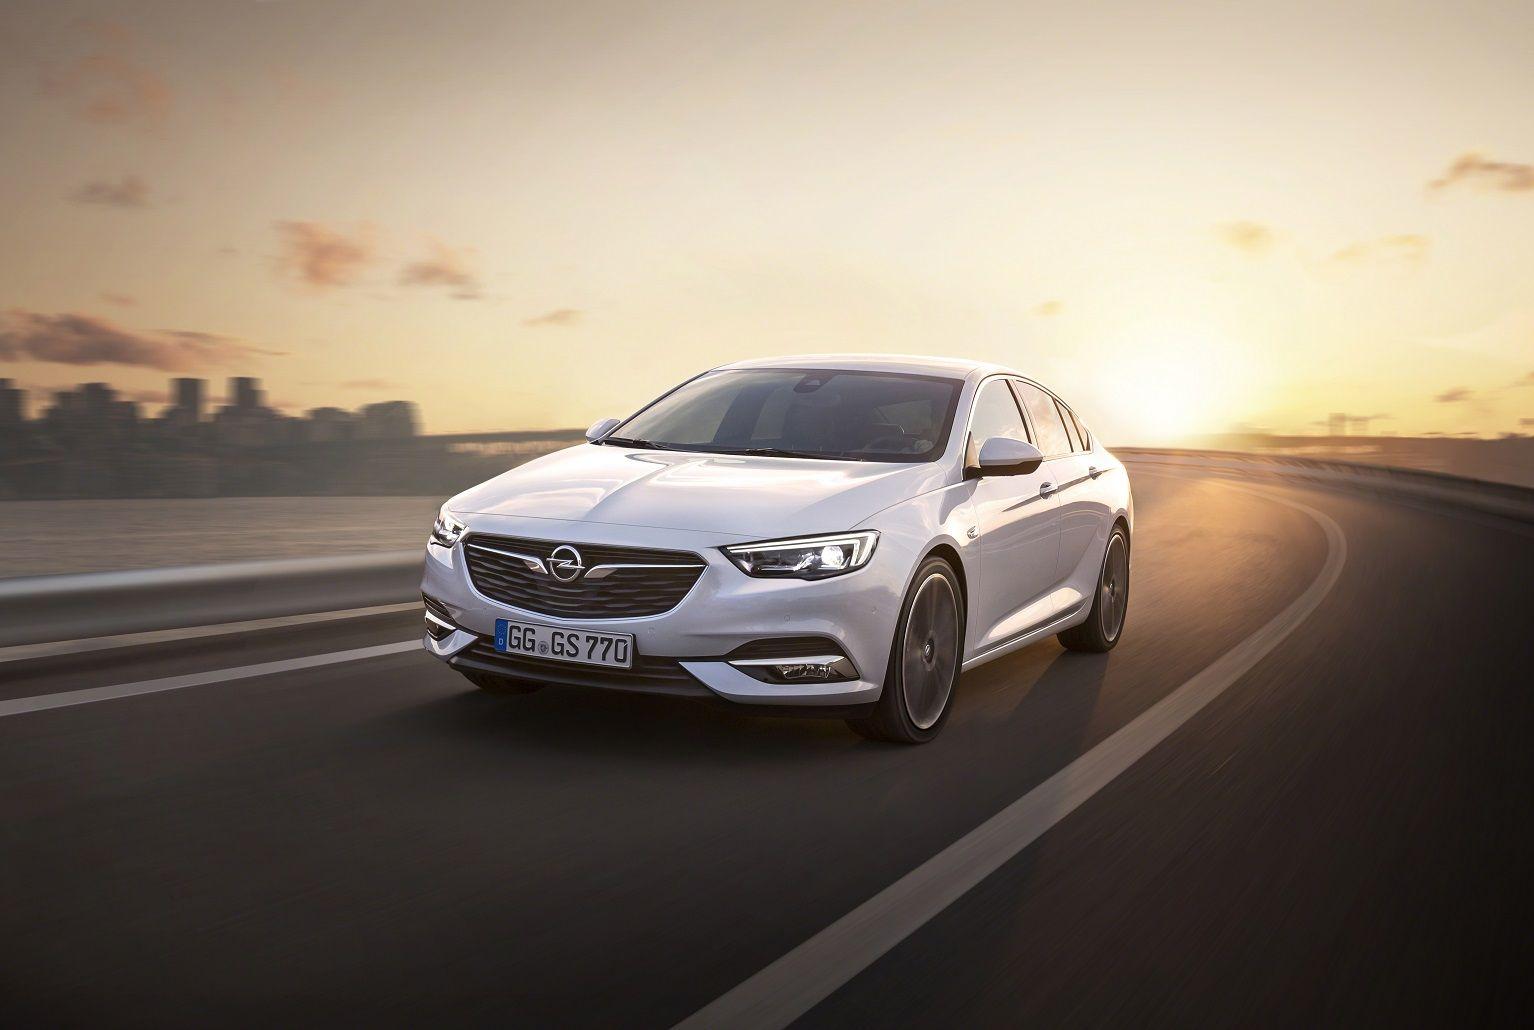 Nuevo Opel Insignia Grand Sport: Primeras imágenes